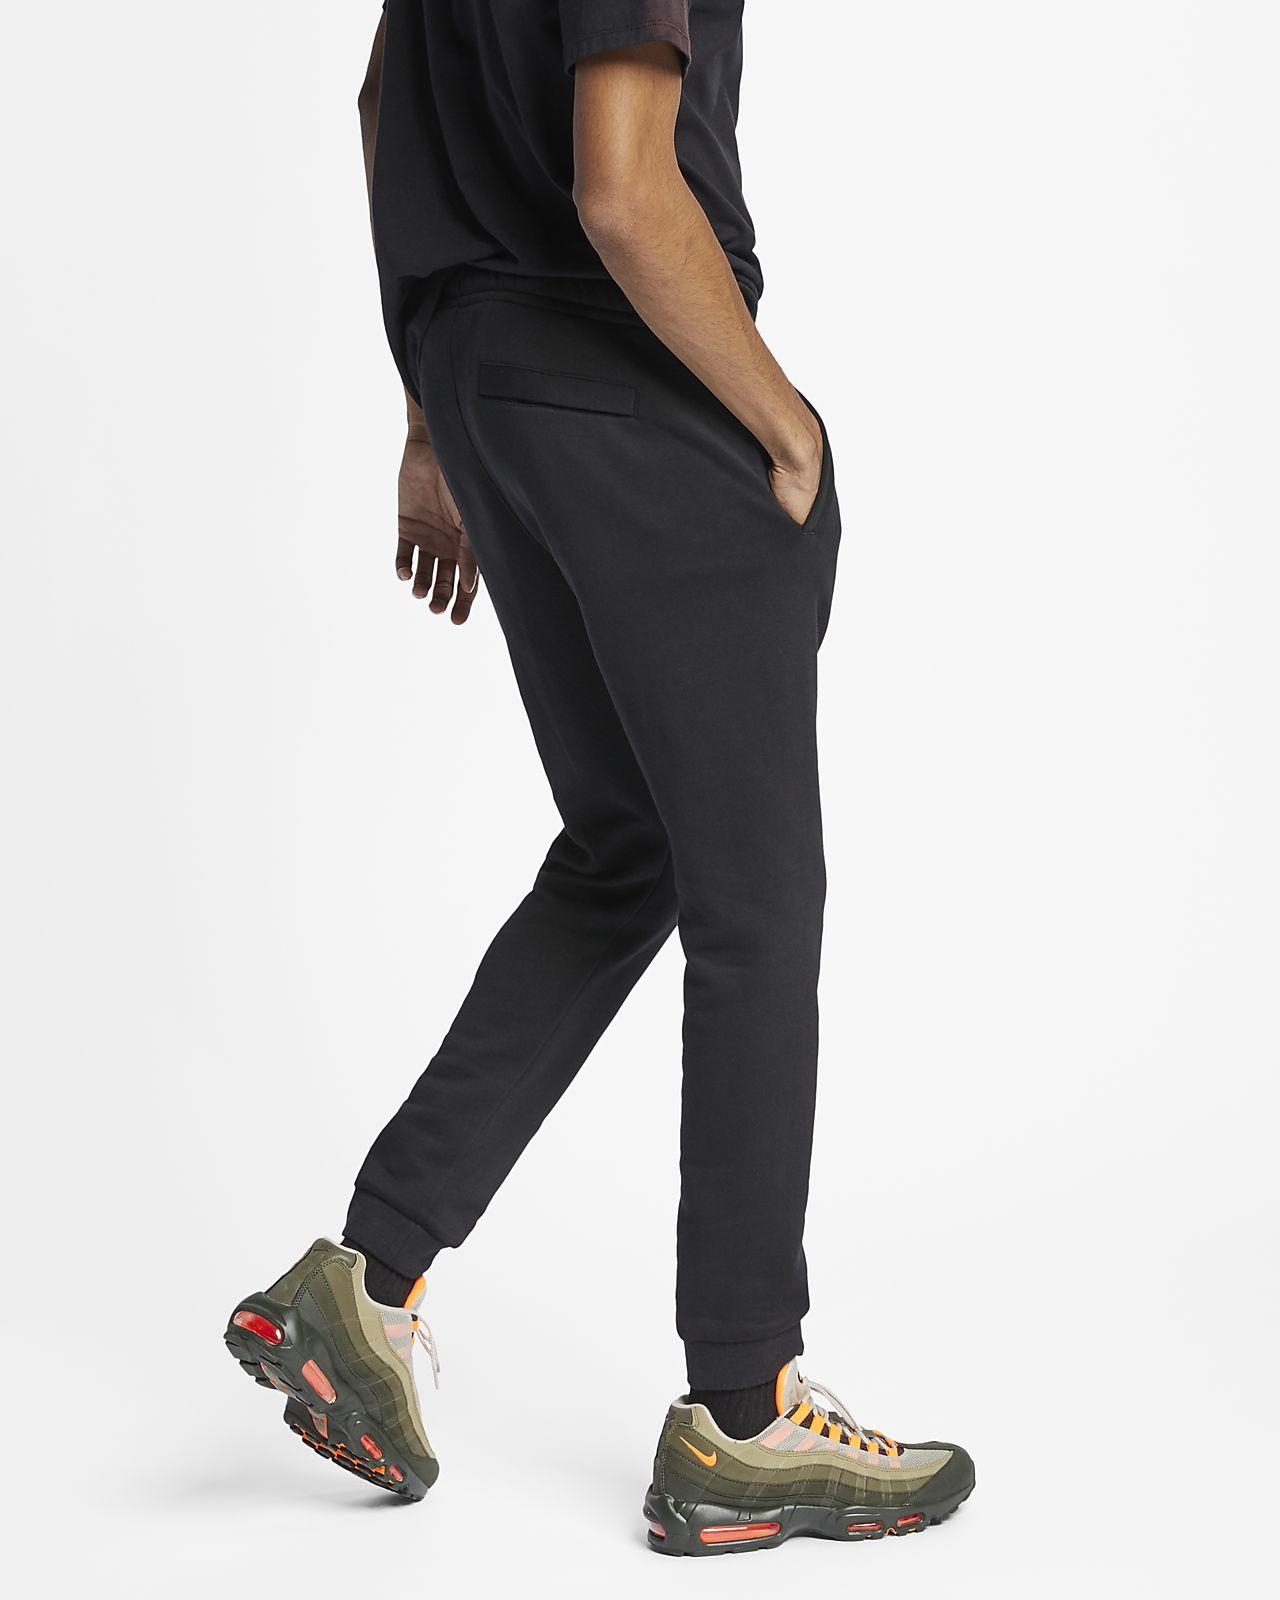 dd07a2170d63 Nike Sportswear JDI Men s Fleece Joggers. Nike.com CA